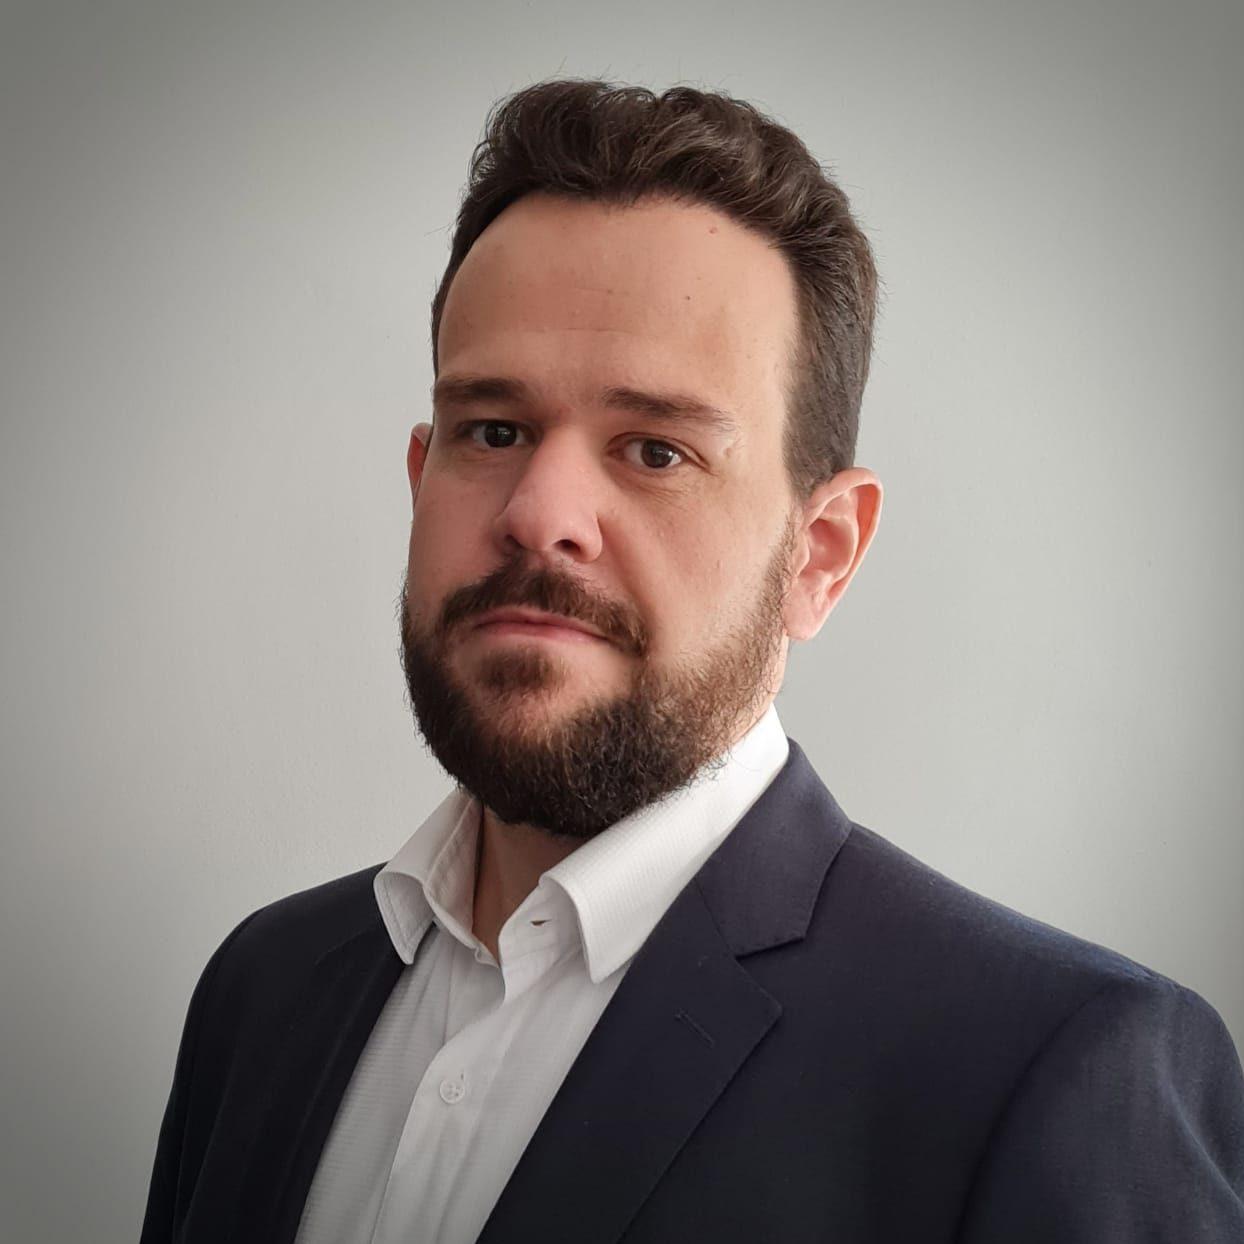 Eduardo Matias Campos